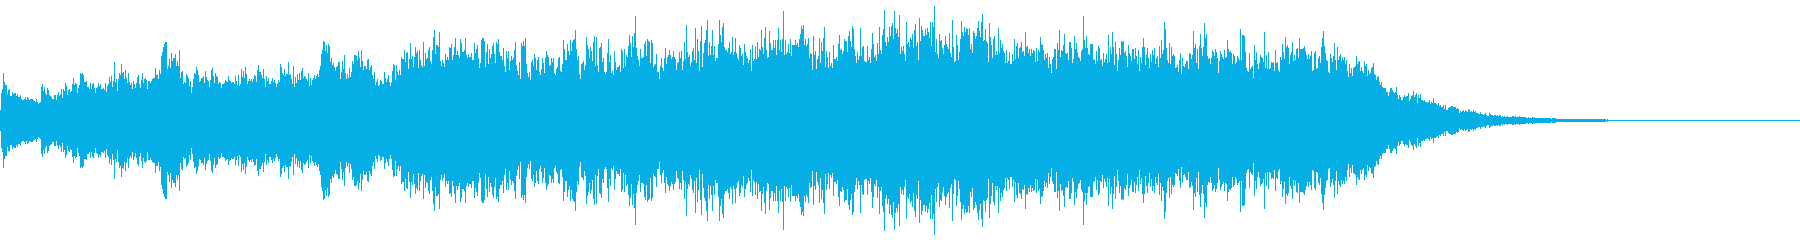 ジングル(奇妙風)の再生済みの波形